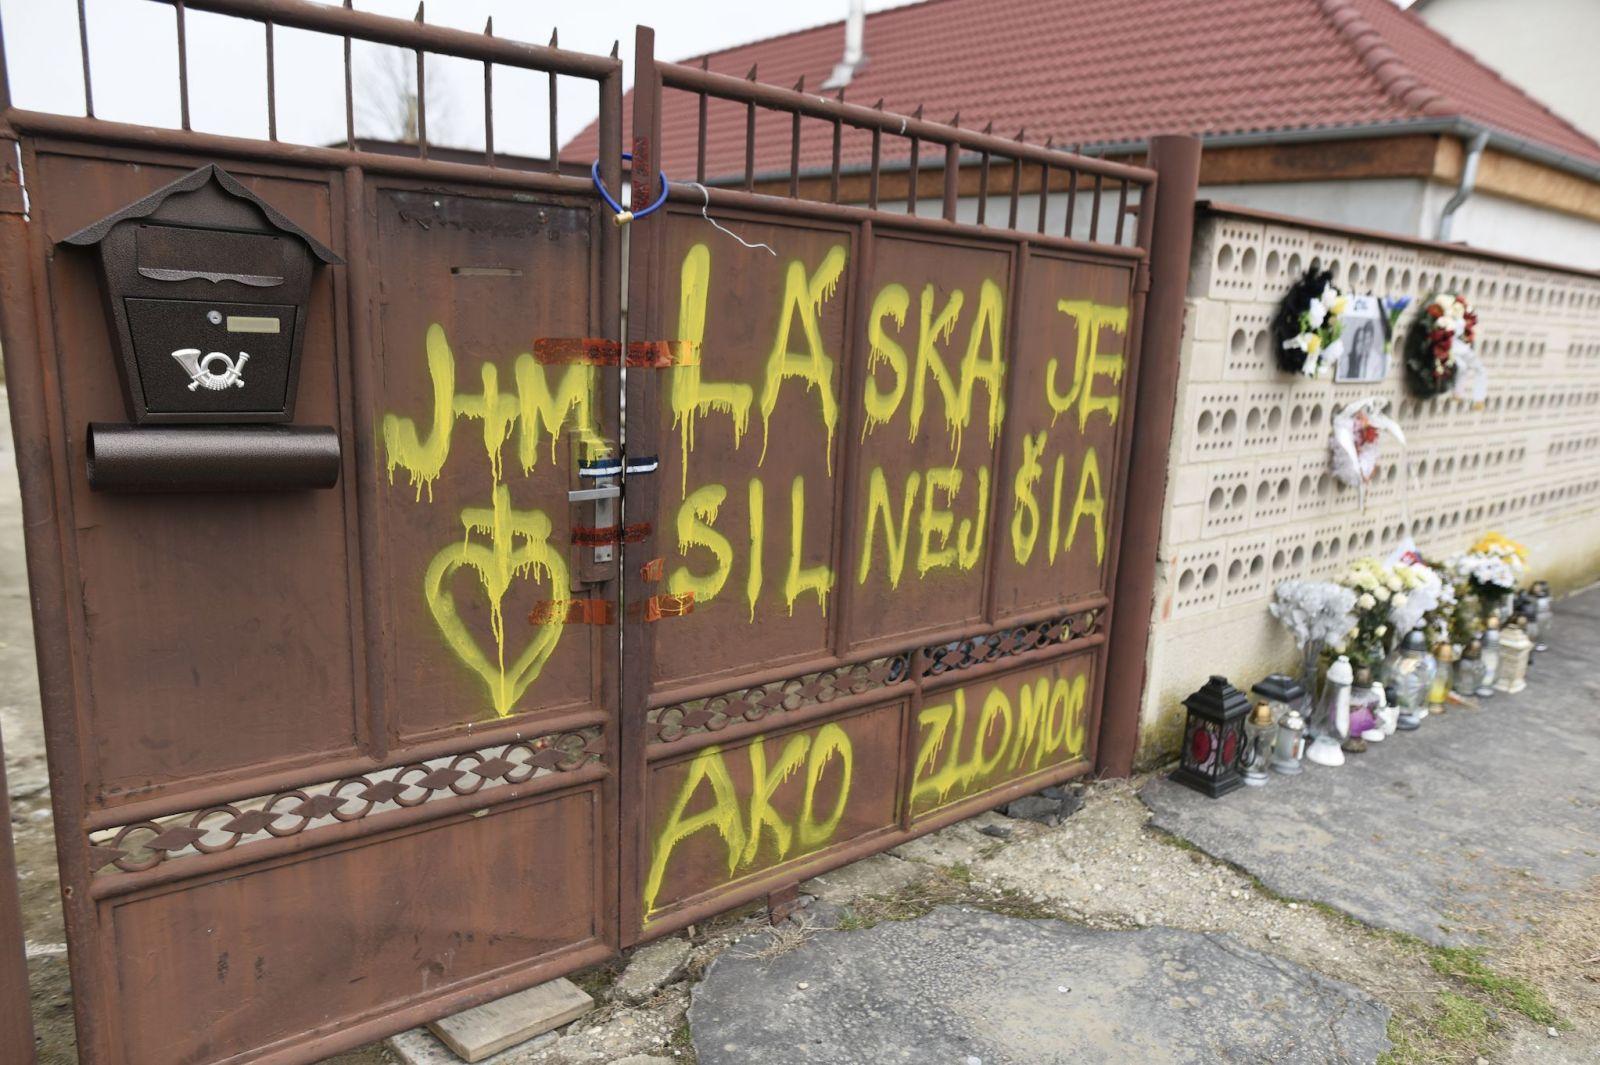 10 kľúčových momentov úzko prepojených s vraždou Jána Kuciaka a jeho snúbenice